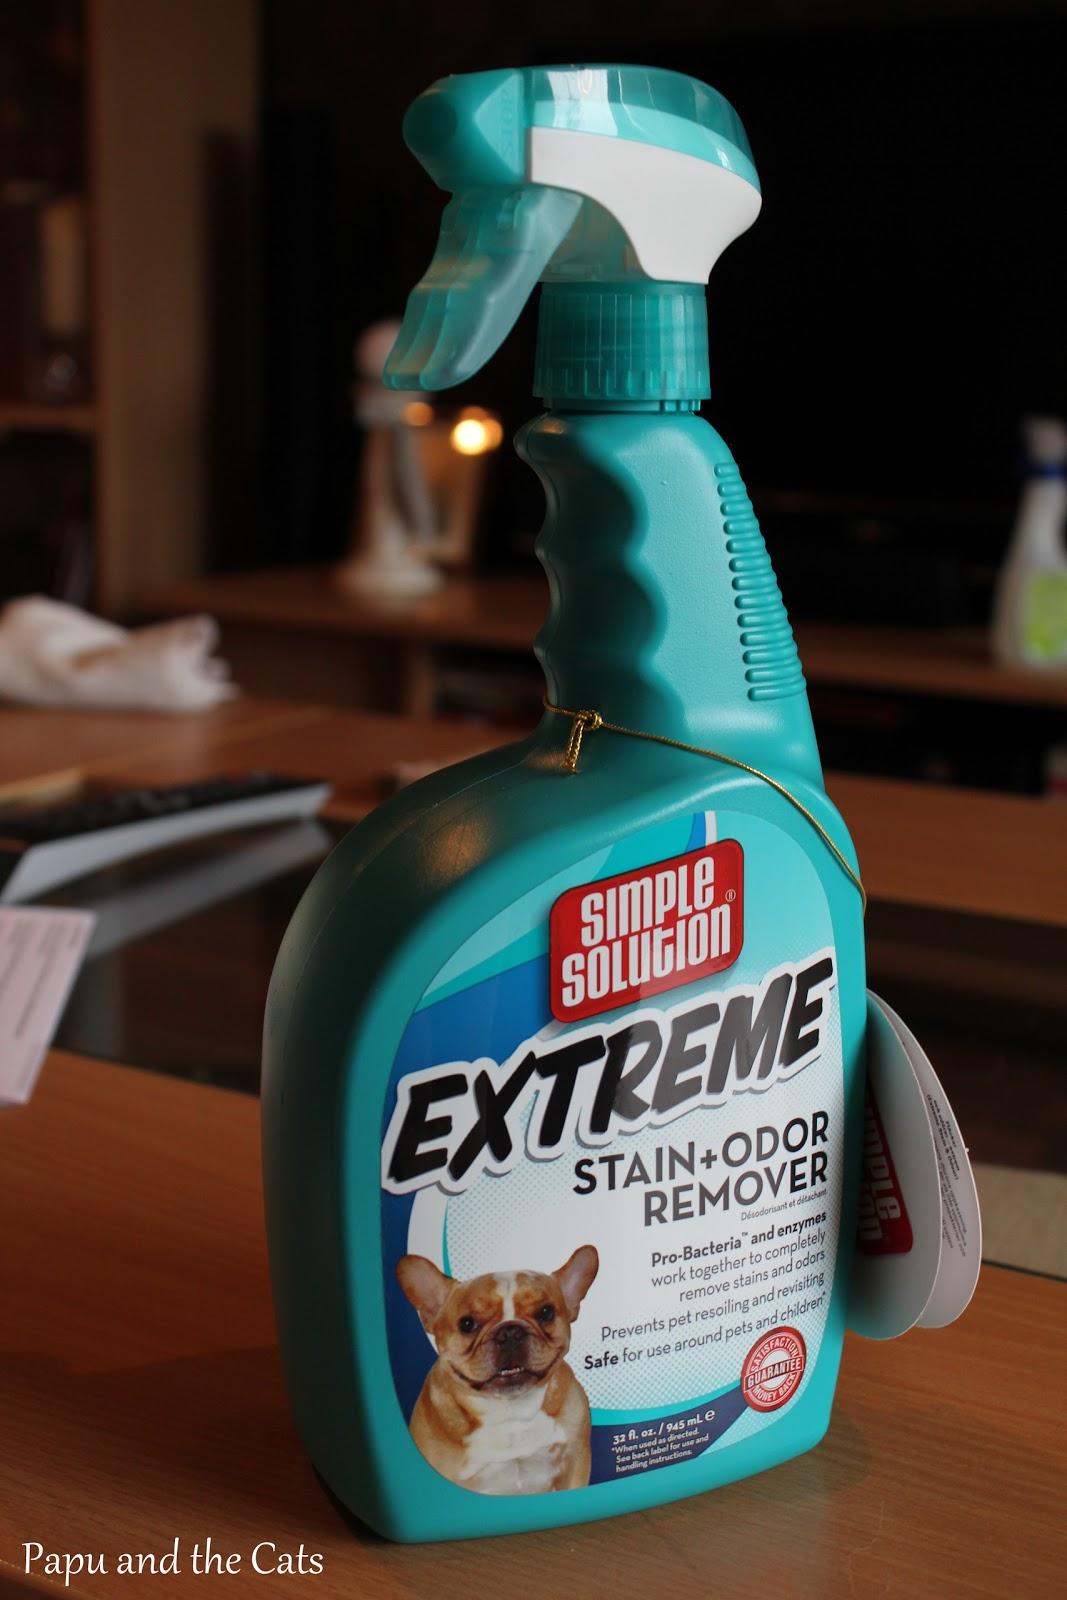 Savun haju pois asunnosta